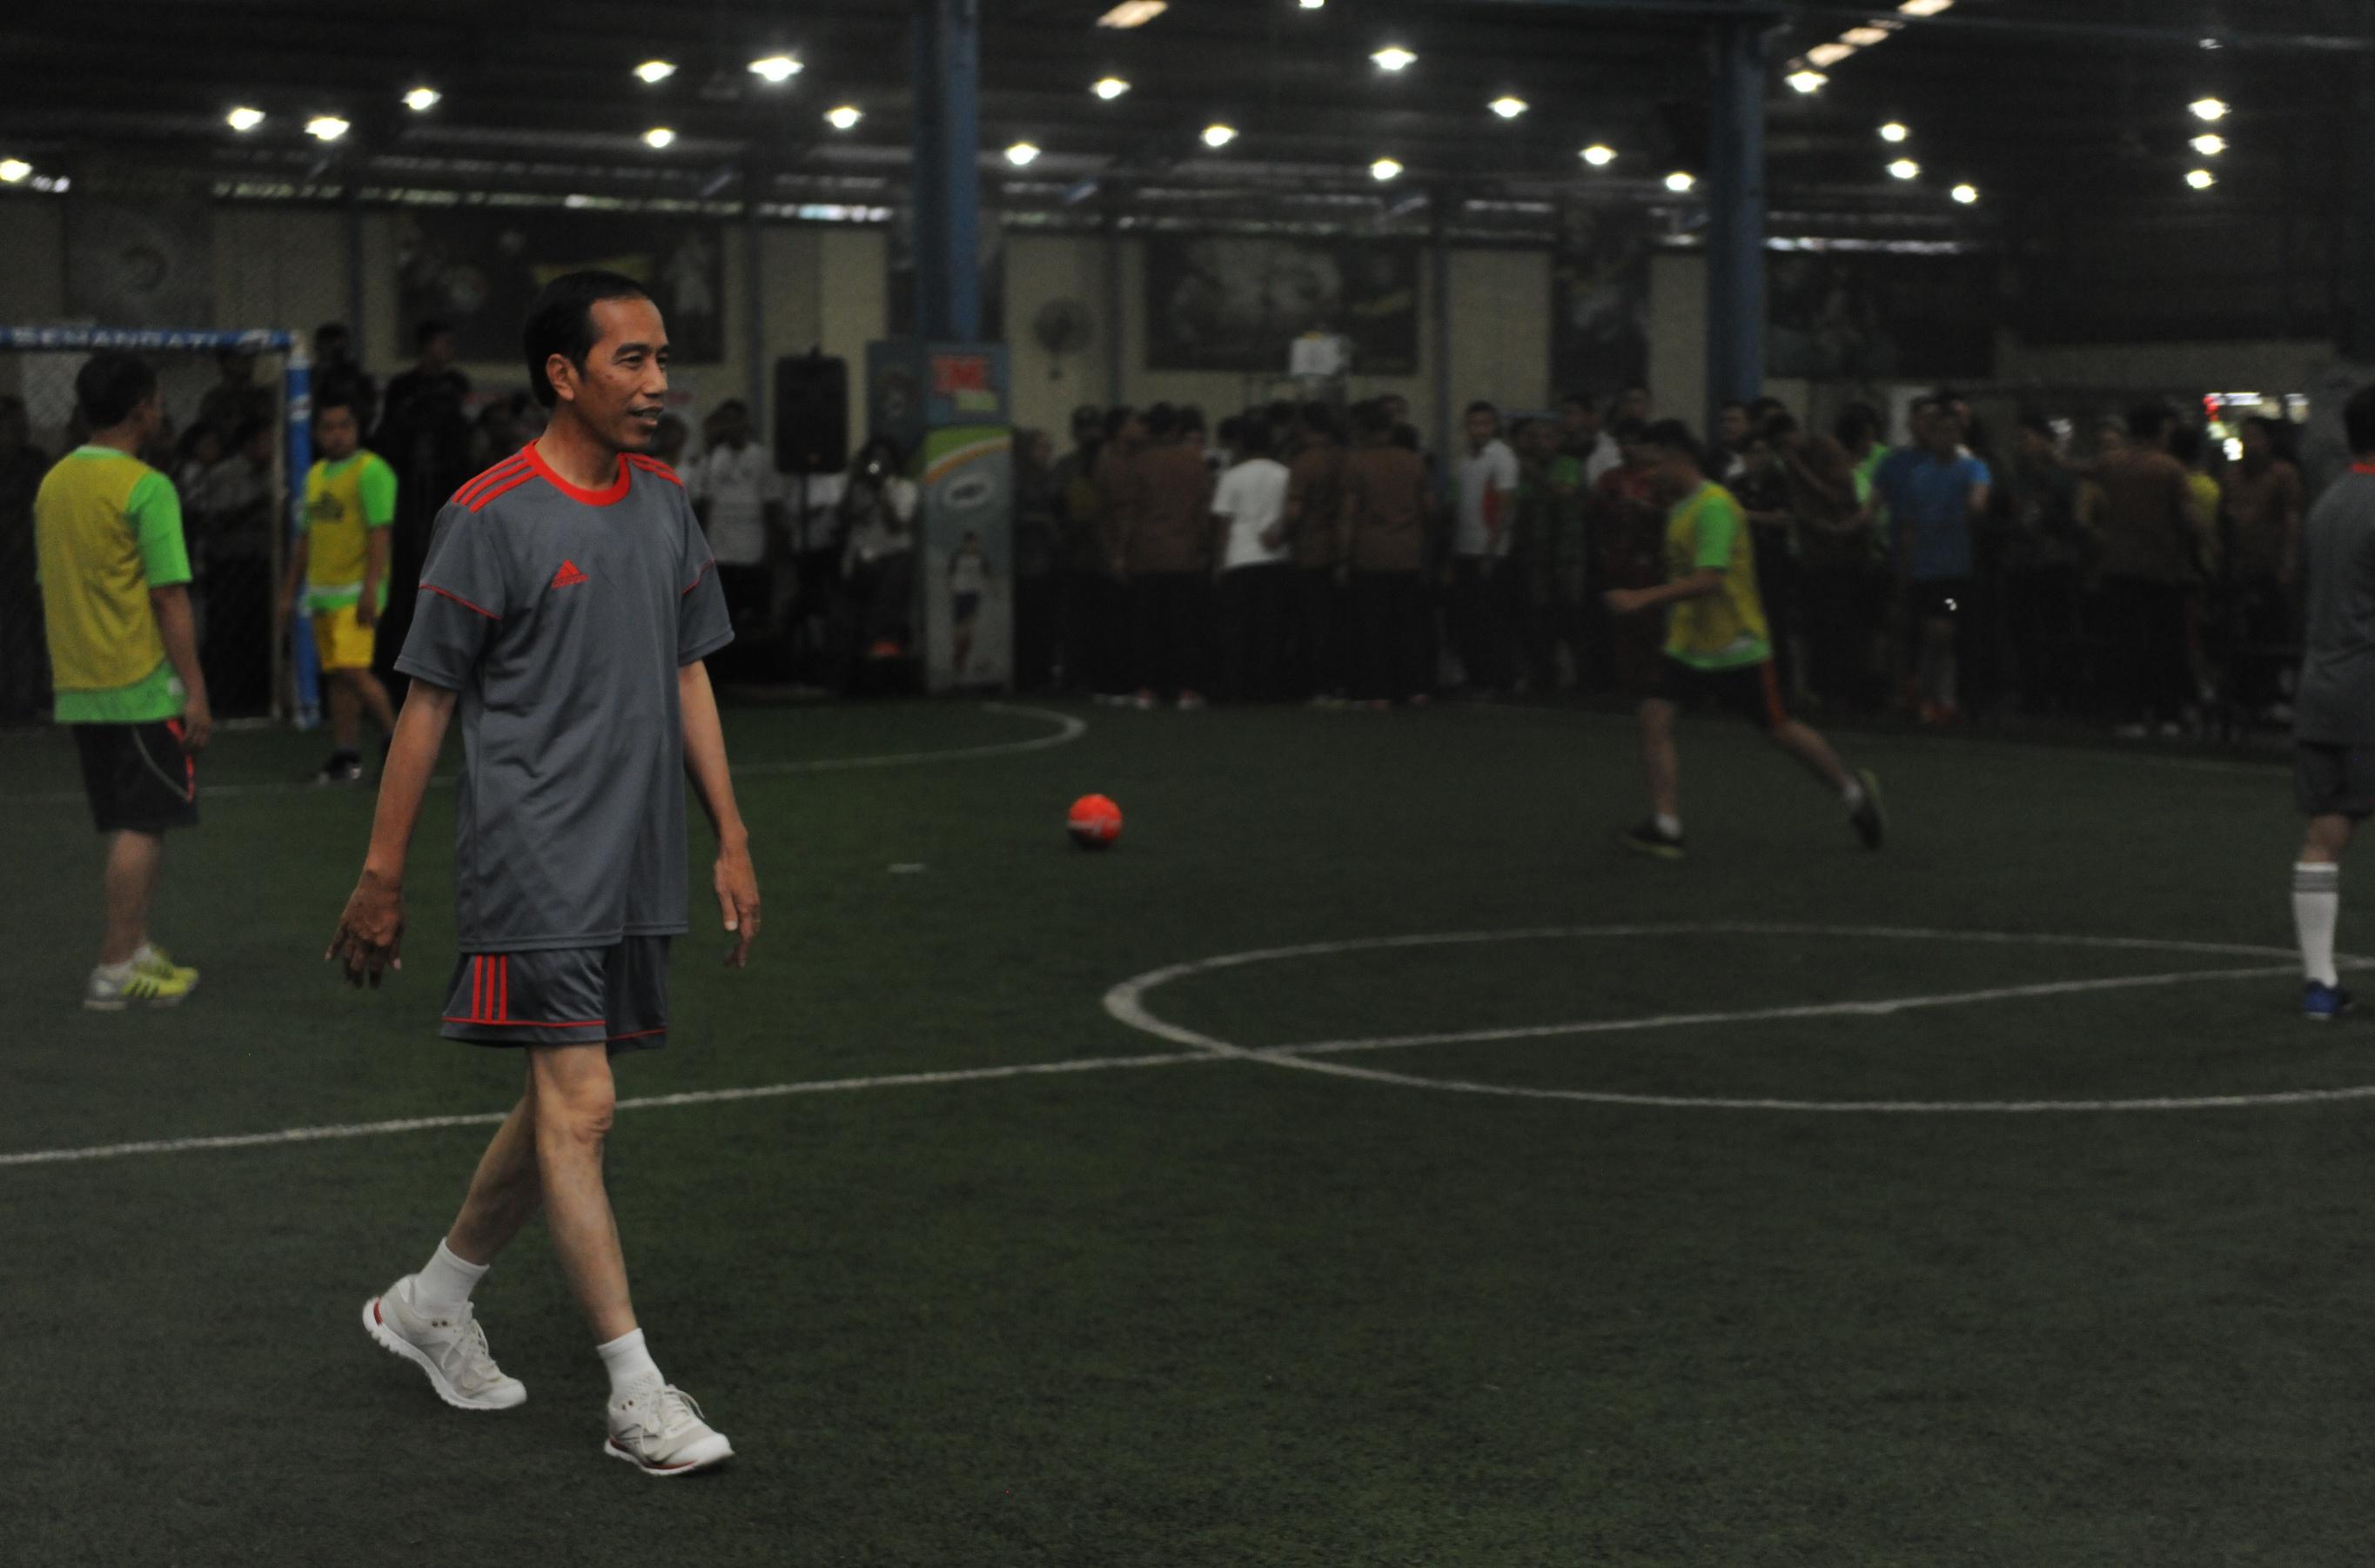 Presiden Jokowi saat ikuti pertandingan futsal persabatan dengan wartawan di Time Futsal, Pegangsaan, Jakarta, Selasa (7/2). (Foto: Humas/Jay)